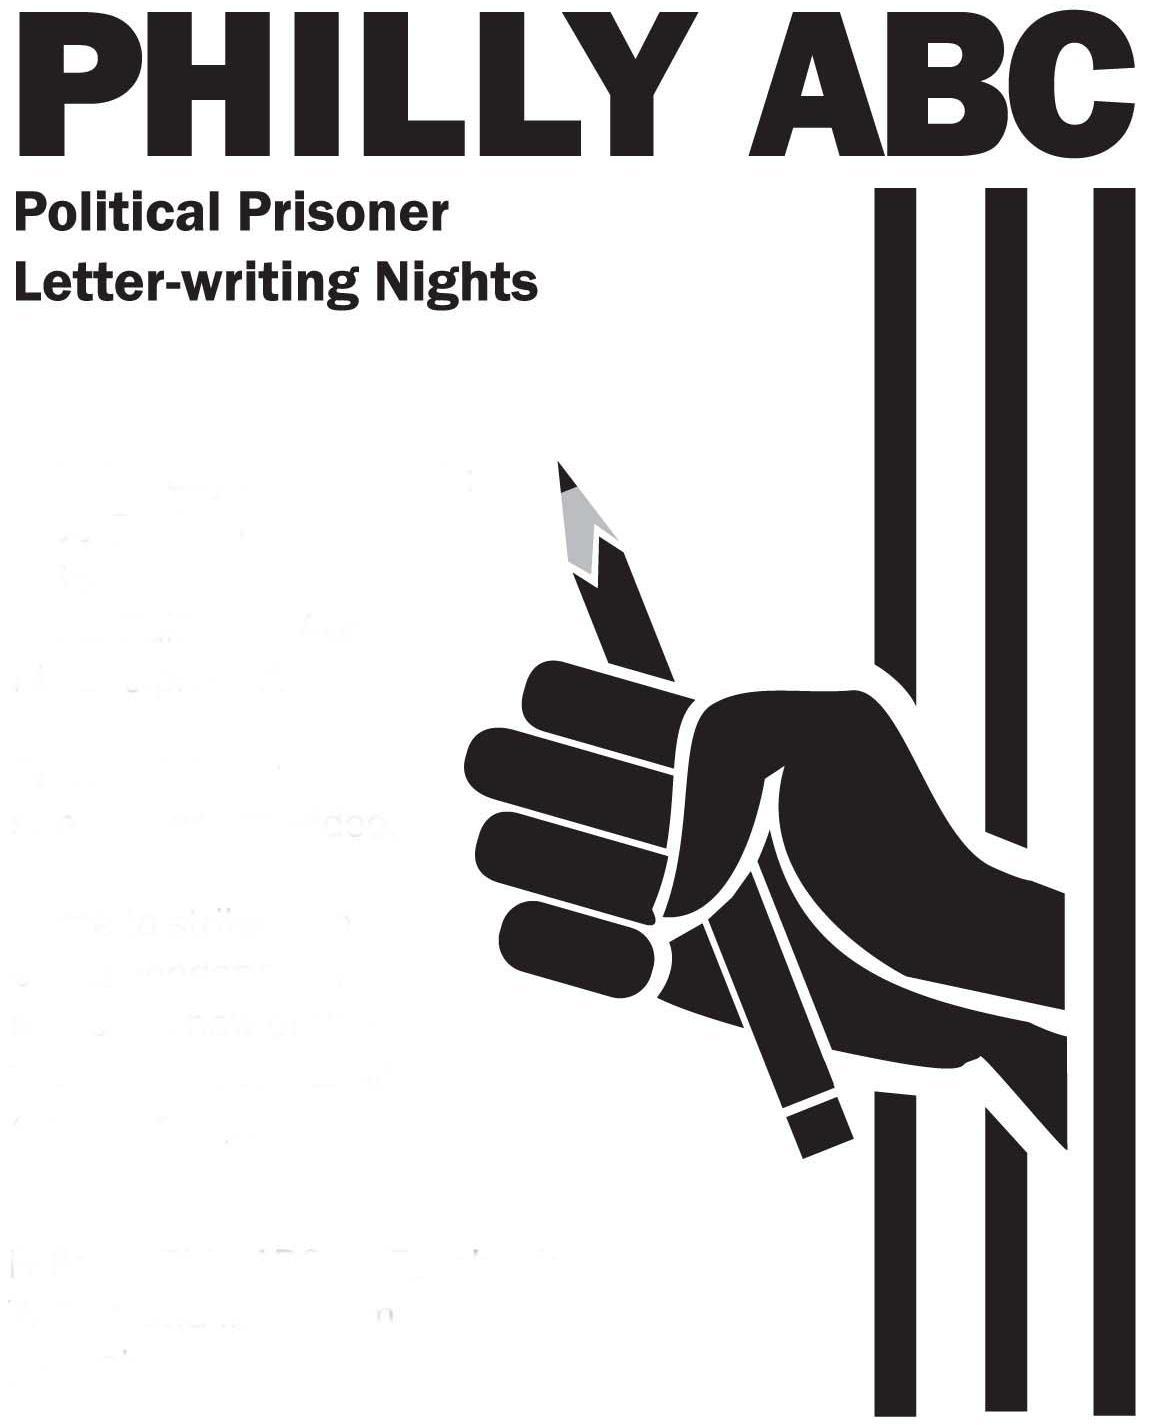 pabc-letter-writing-poster.jpg